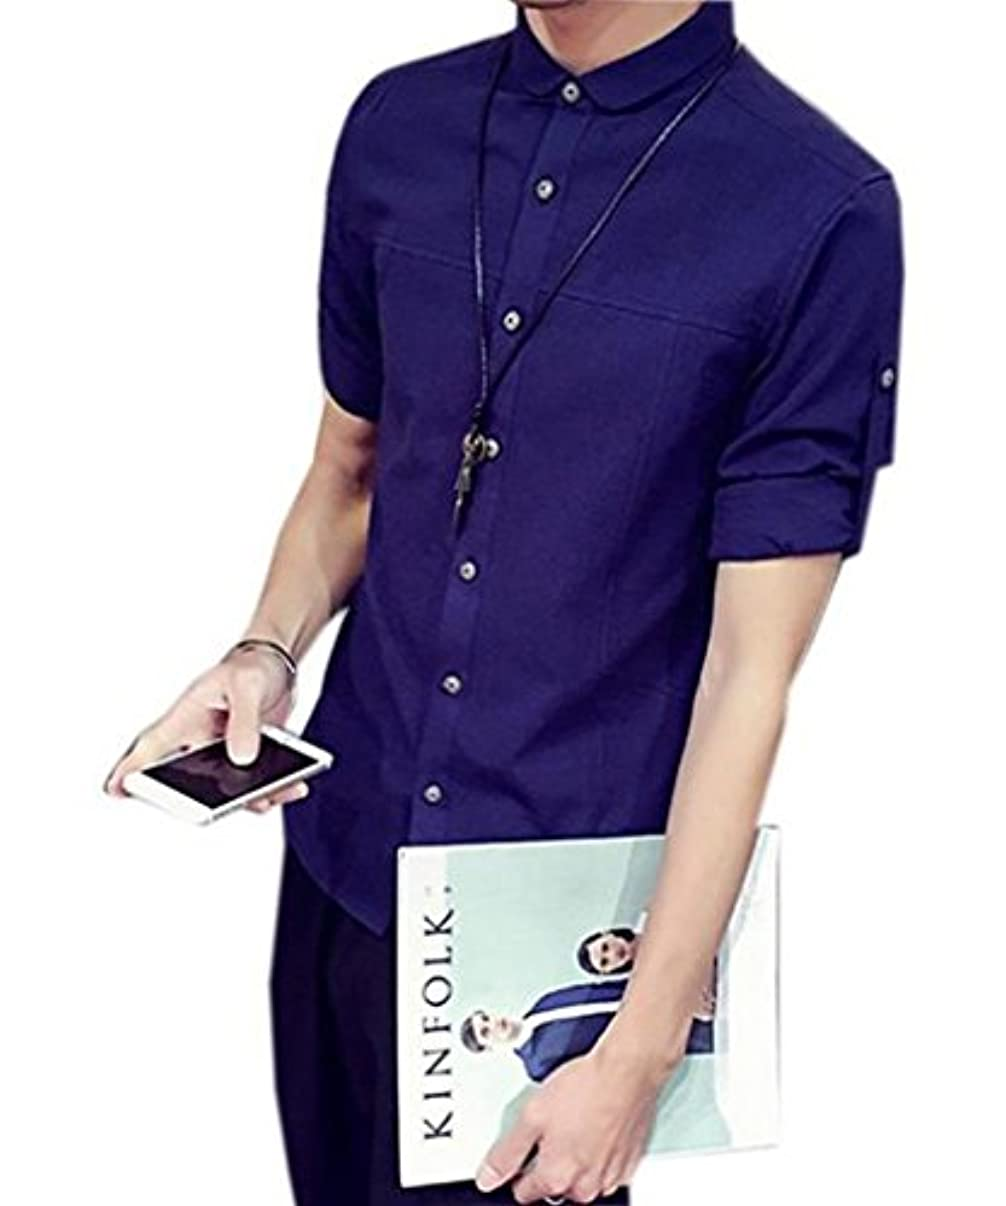 ベアリング竜巻究極のGuDeKe 夏 綿 シャツ メンズ リネン リネンシャツ トップス 七分丈 半袖 シンプル 襟 カジュアルシャツ カラーシャツ スリム